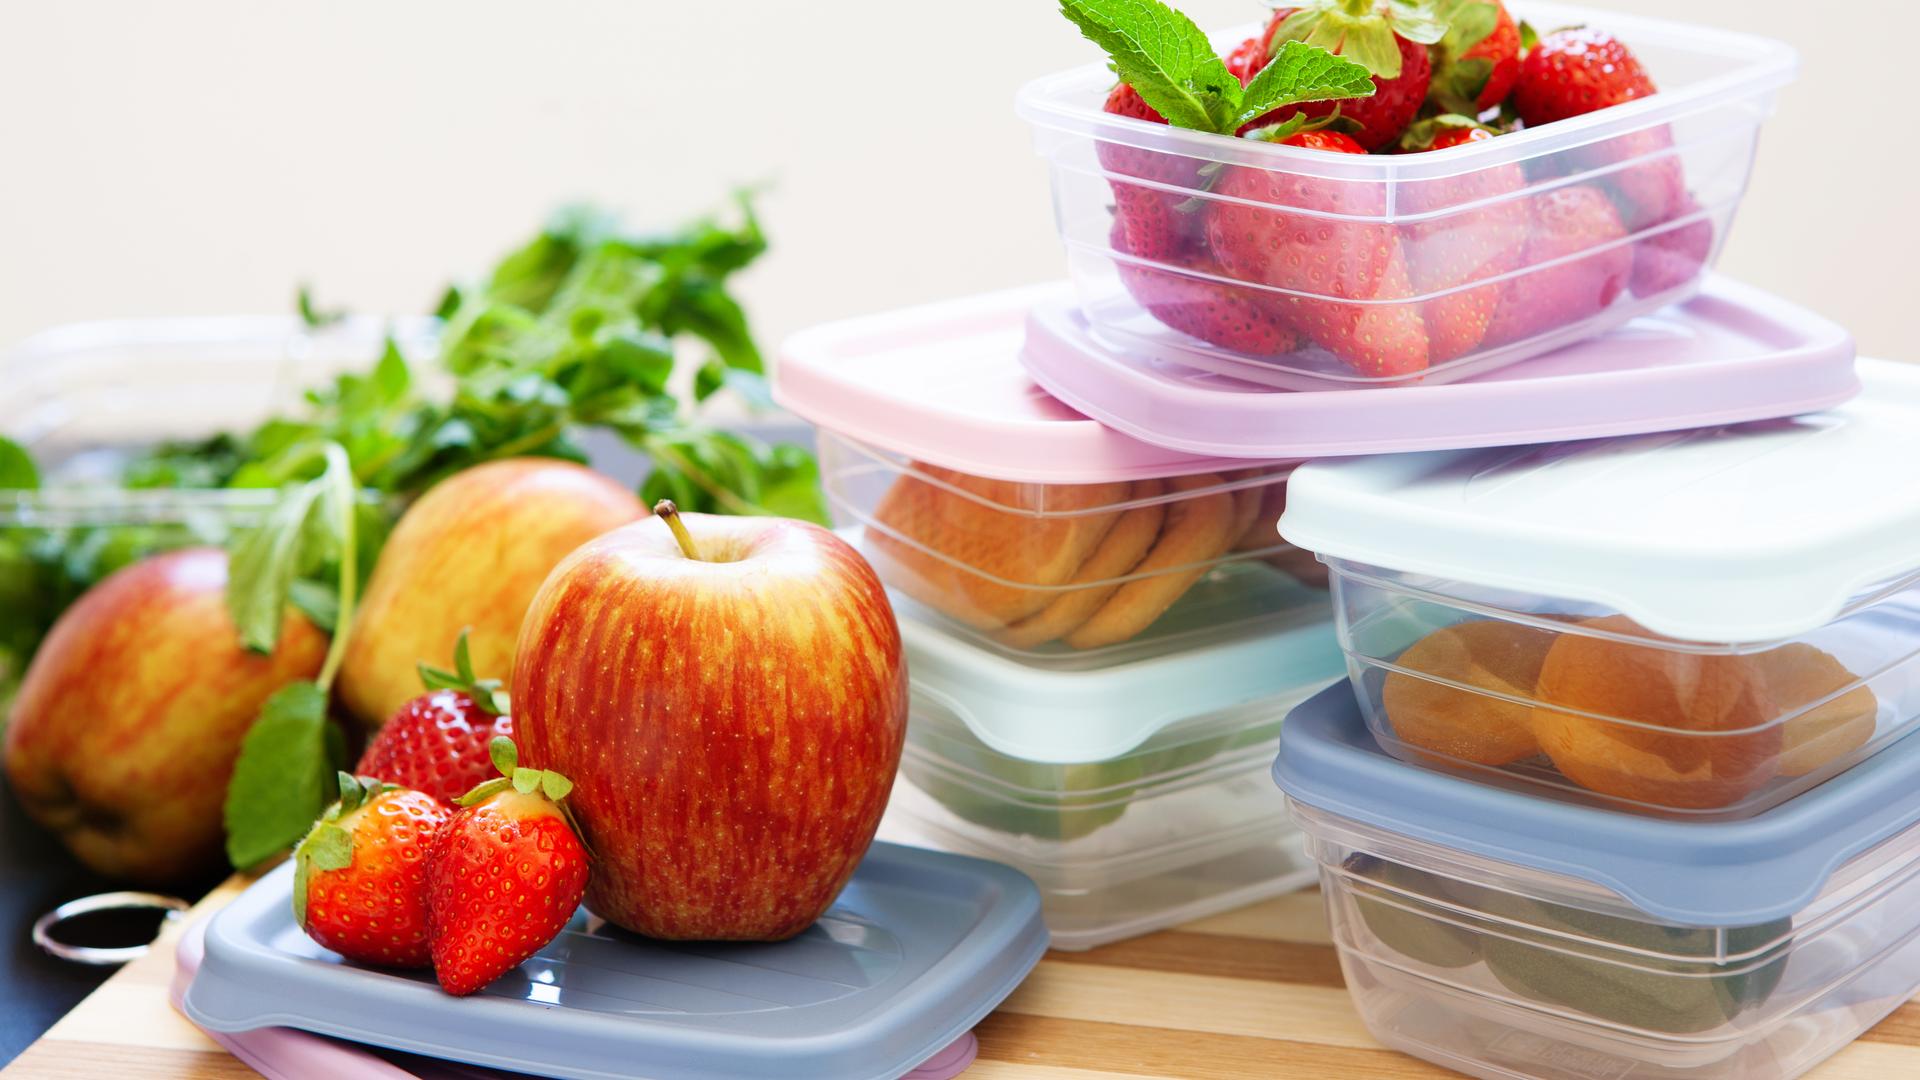 Como armazenar alimentos durante a quarentena para que durem mais?